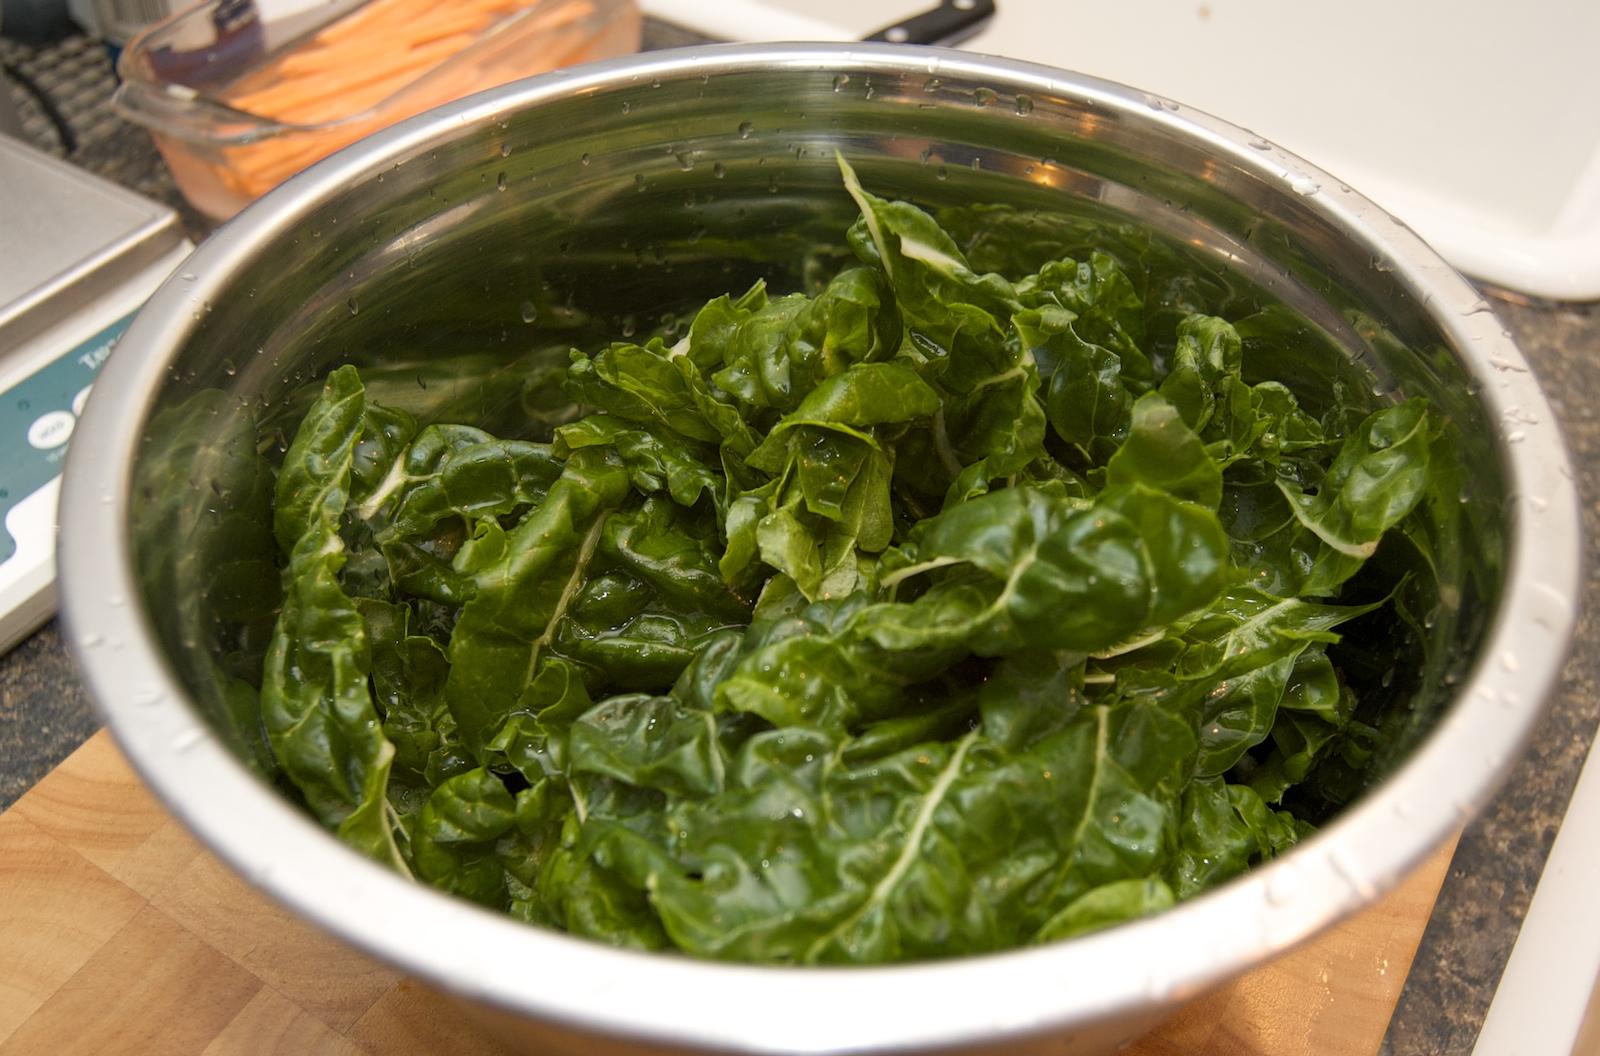 http://blog.rickk.com/food/2010/01/01/DSC_0018.jpg